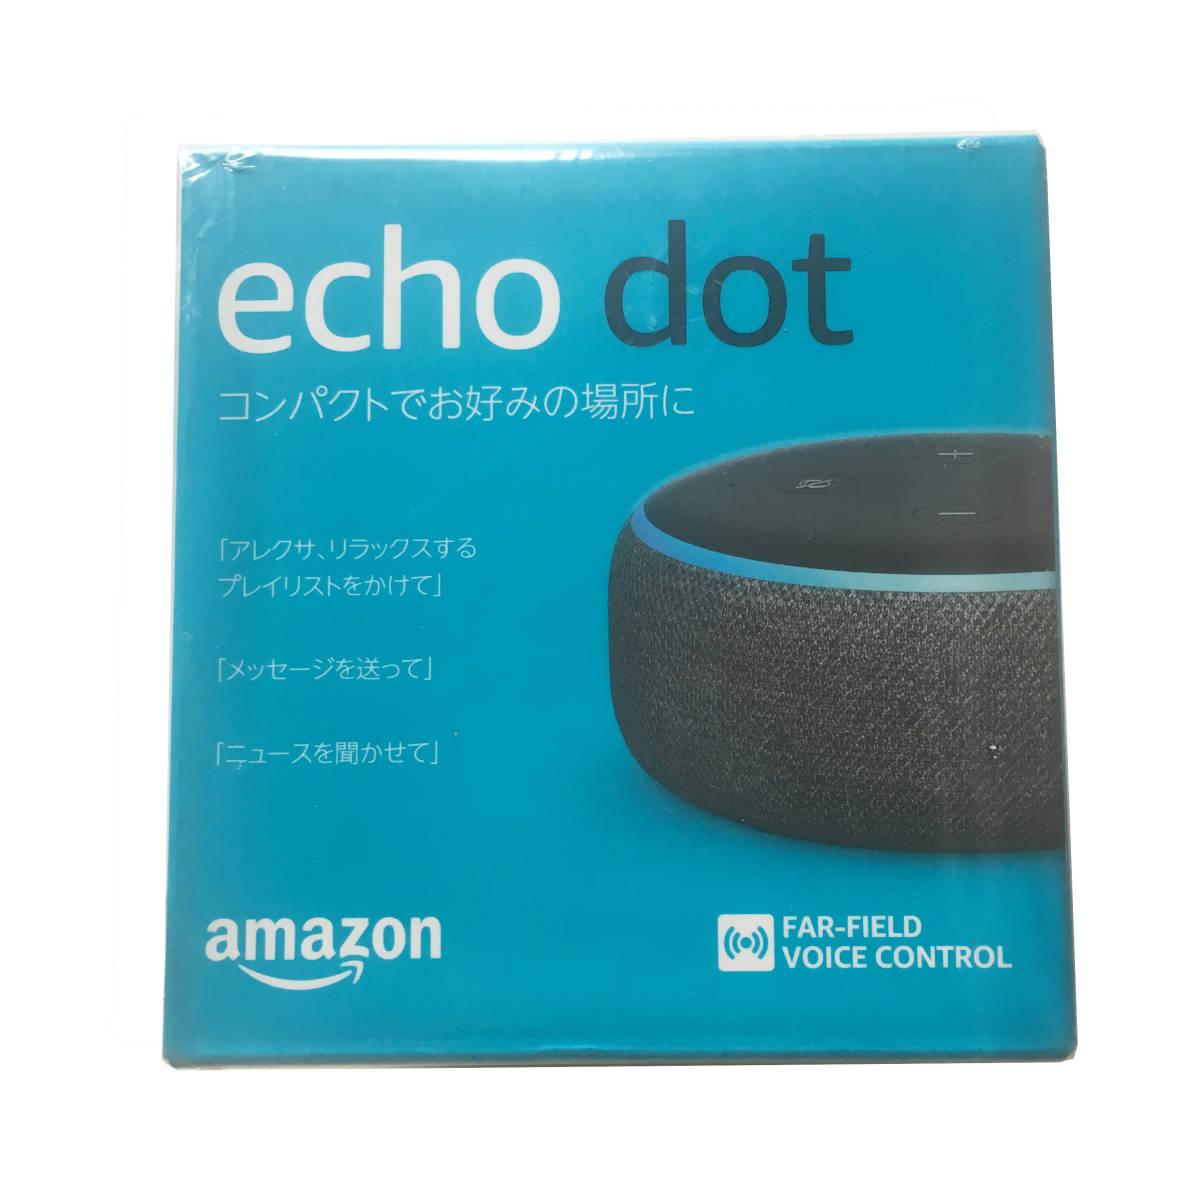 【新品・未開封】 Amazon 第3世代 Echo Dot Alexa対応 スマートスピーカー + LinkJapan eRemote mini IoT リモコン セット IFTTT対応_画像2